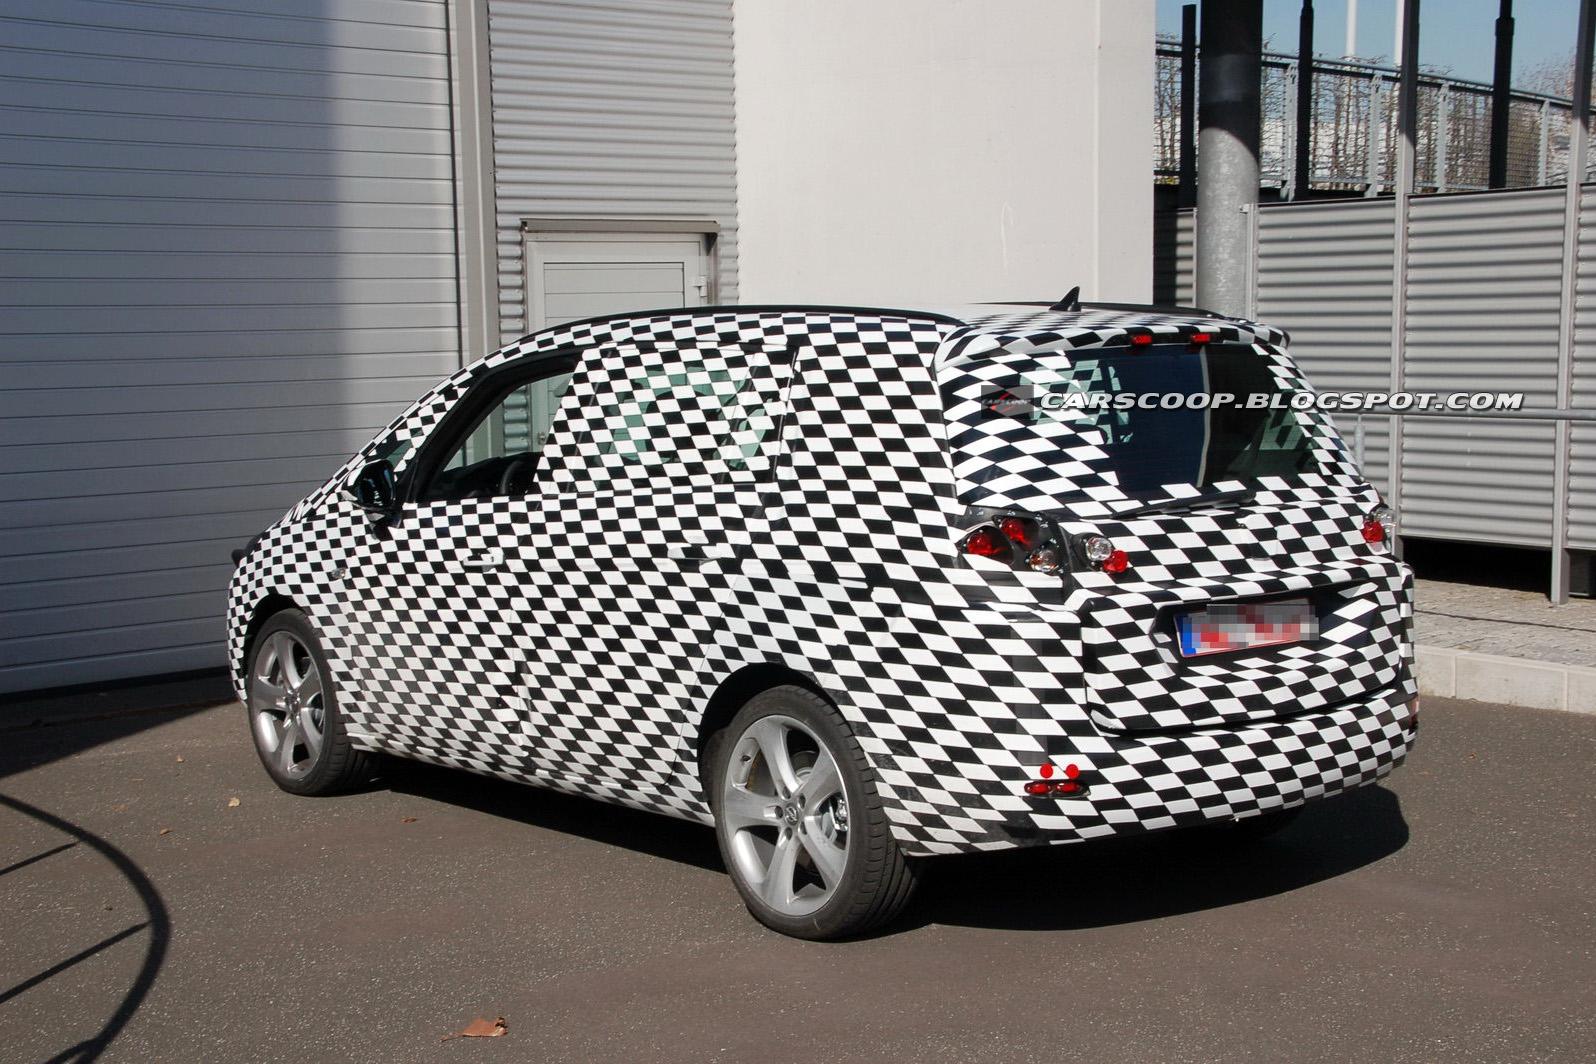 Opel Zafira MPV 2012 - Foto spia 24-08-2010